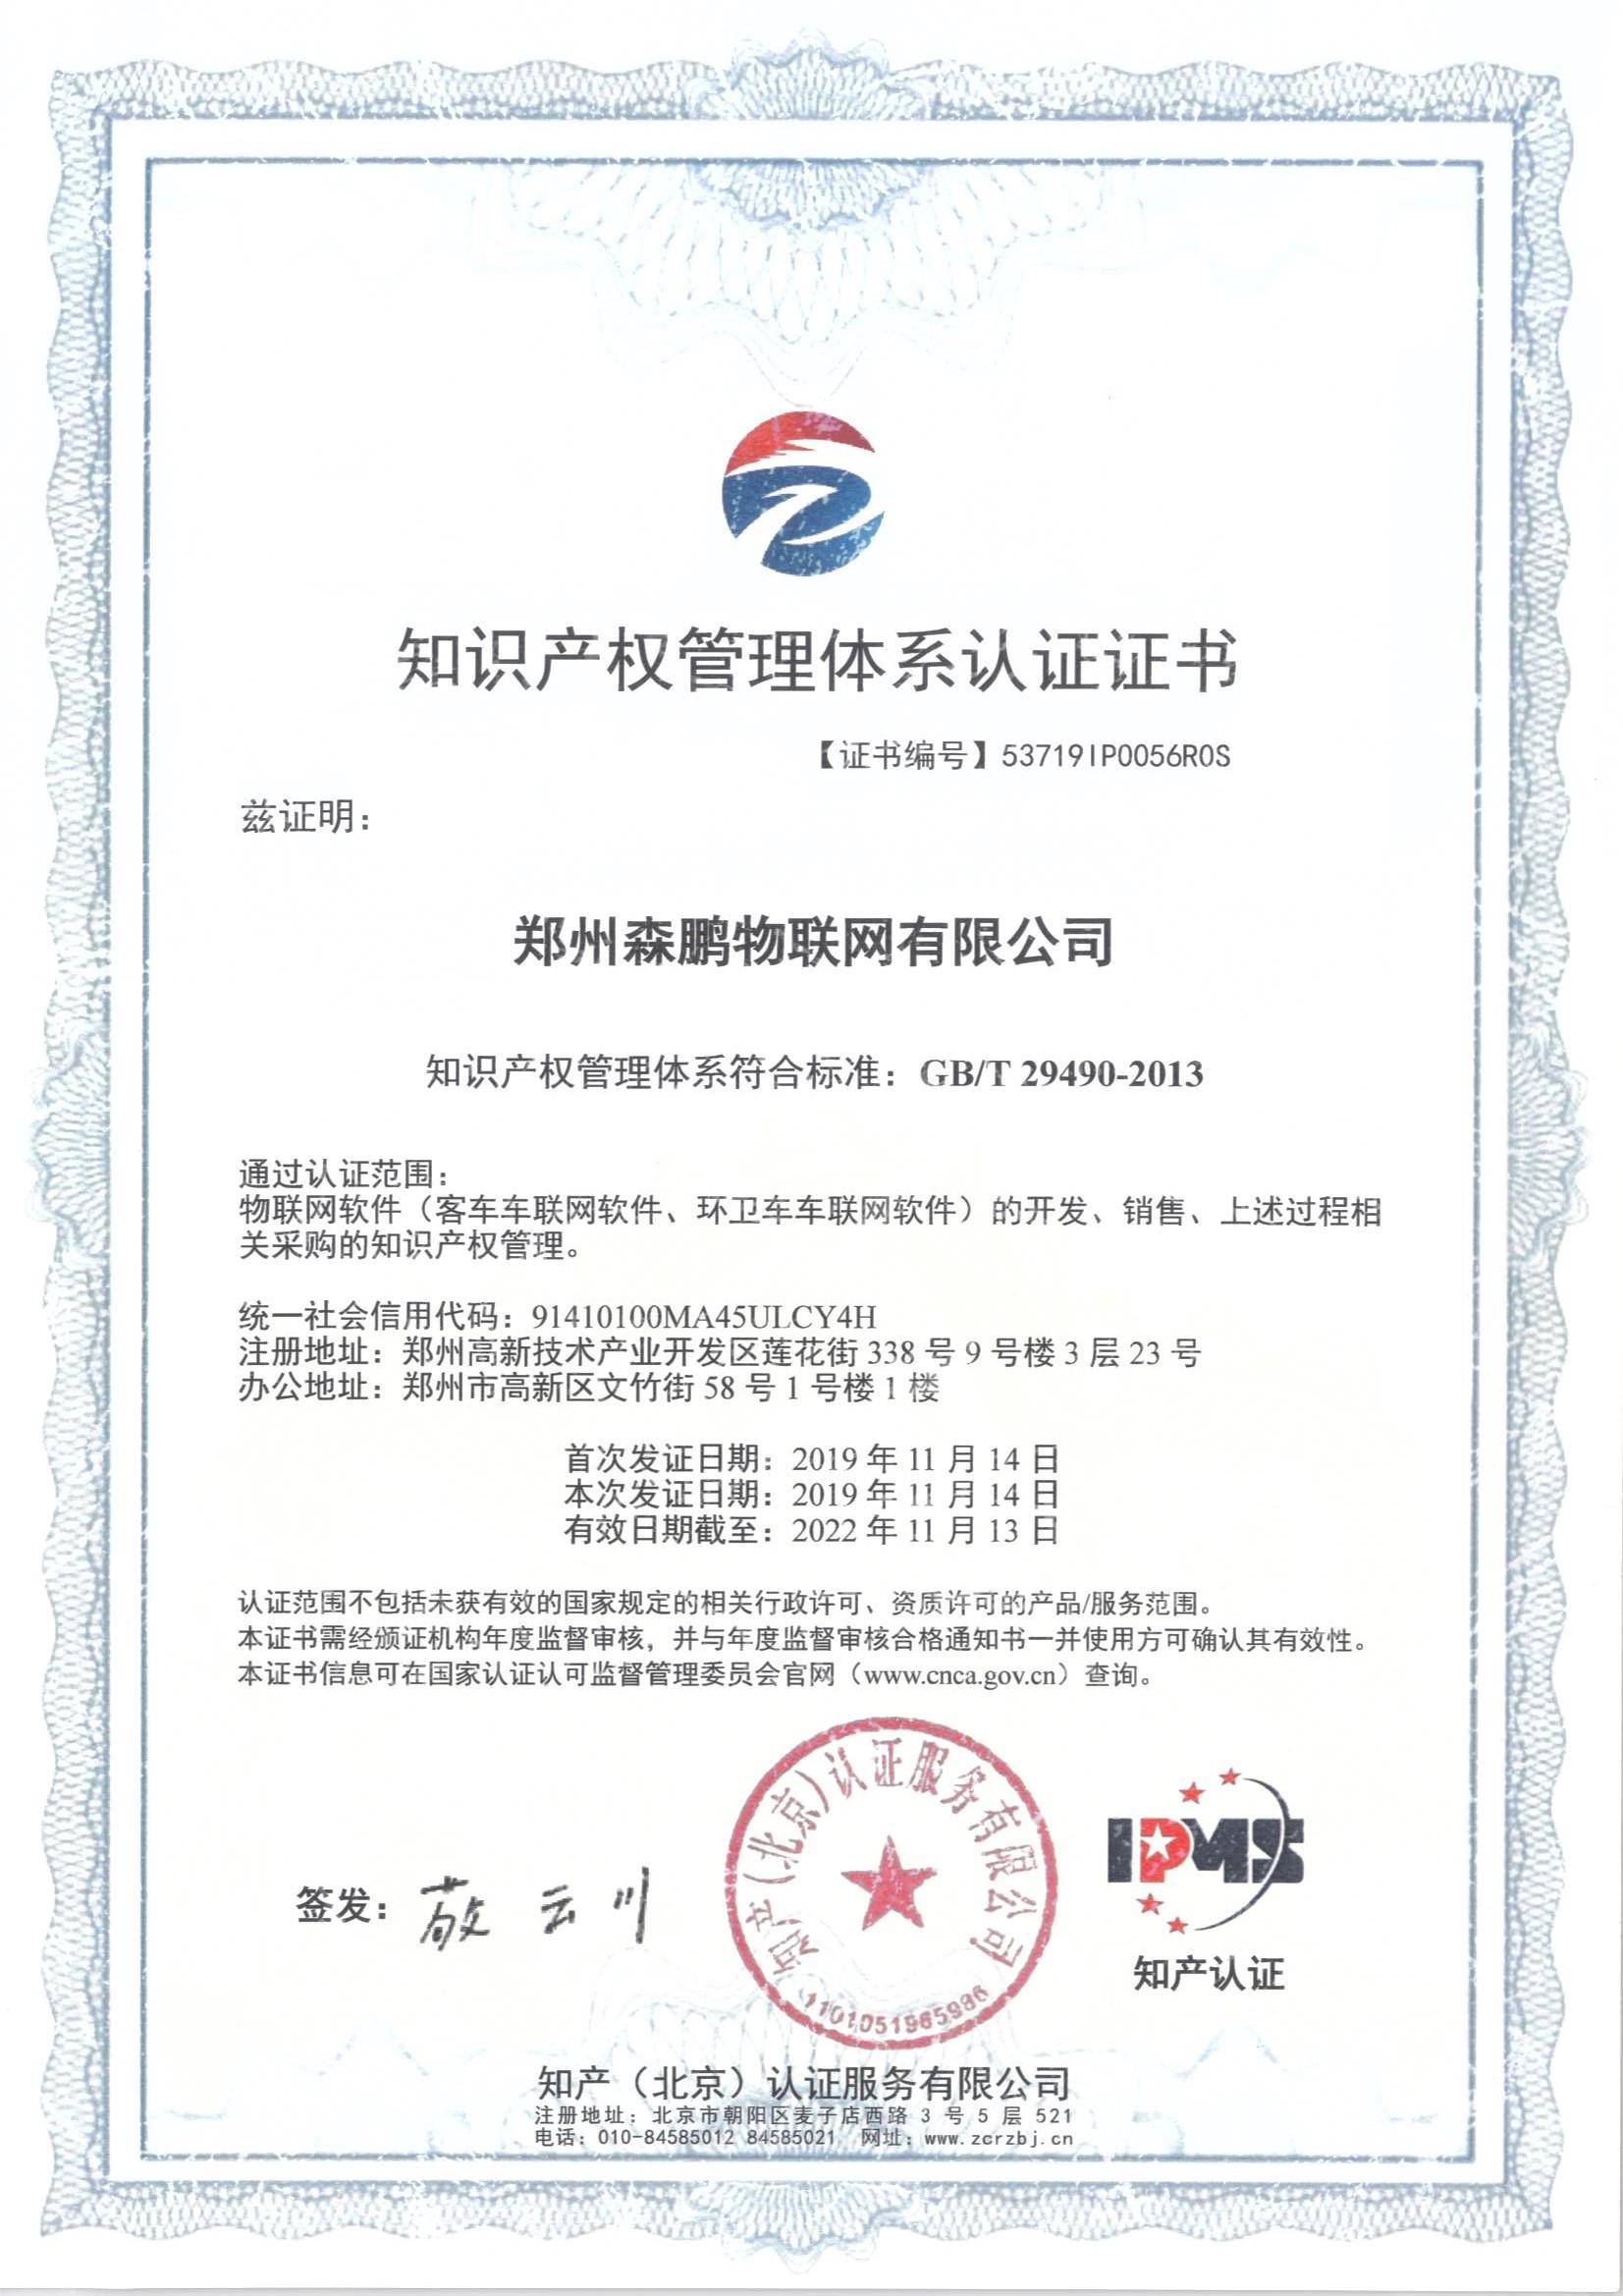 鄭州森鵬物聯網有限公司知識產權管理體系認證證書